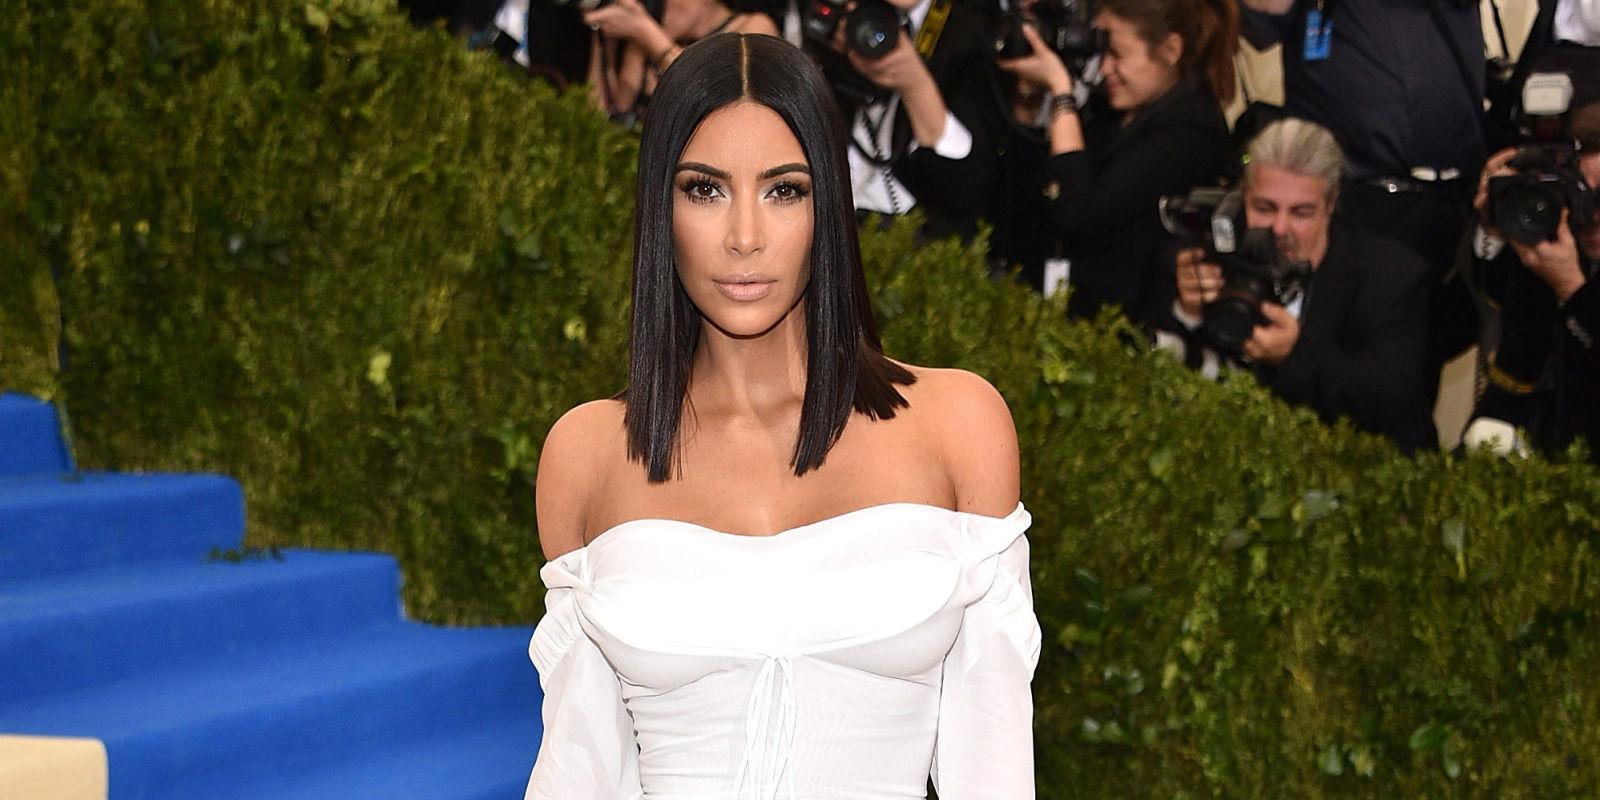 Kim Kardashian Attends 2017 Met Gala Without Kanye West